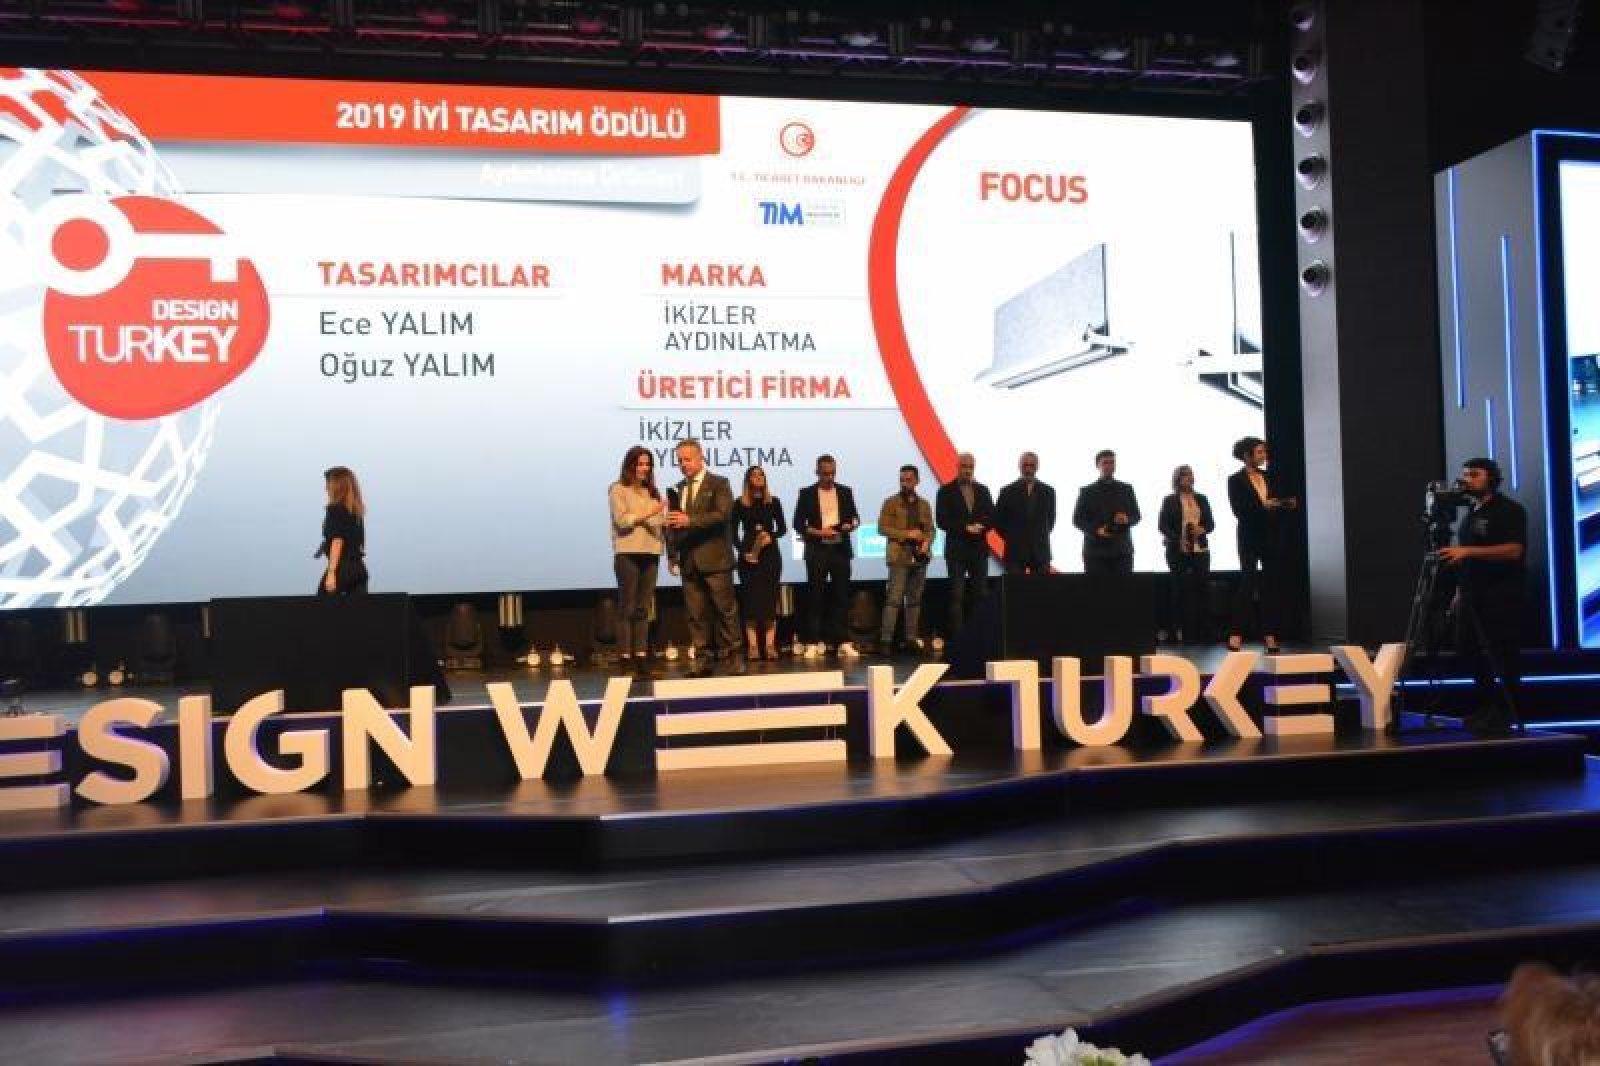 Focus Good Design Award